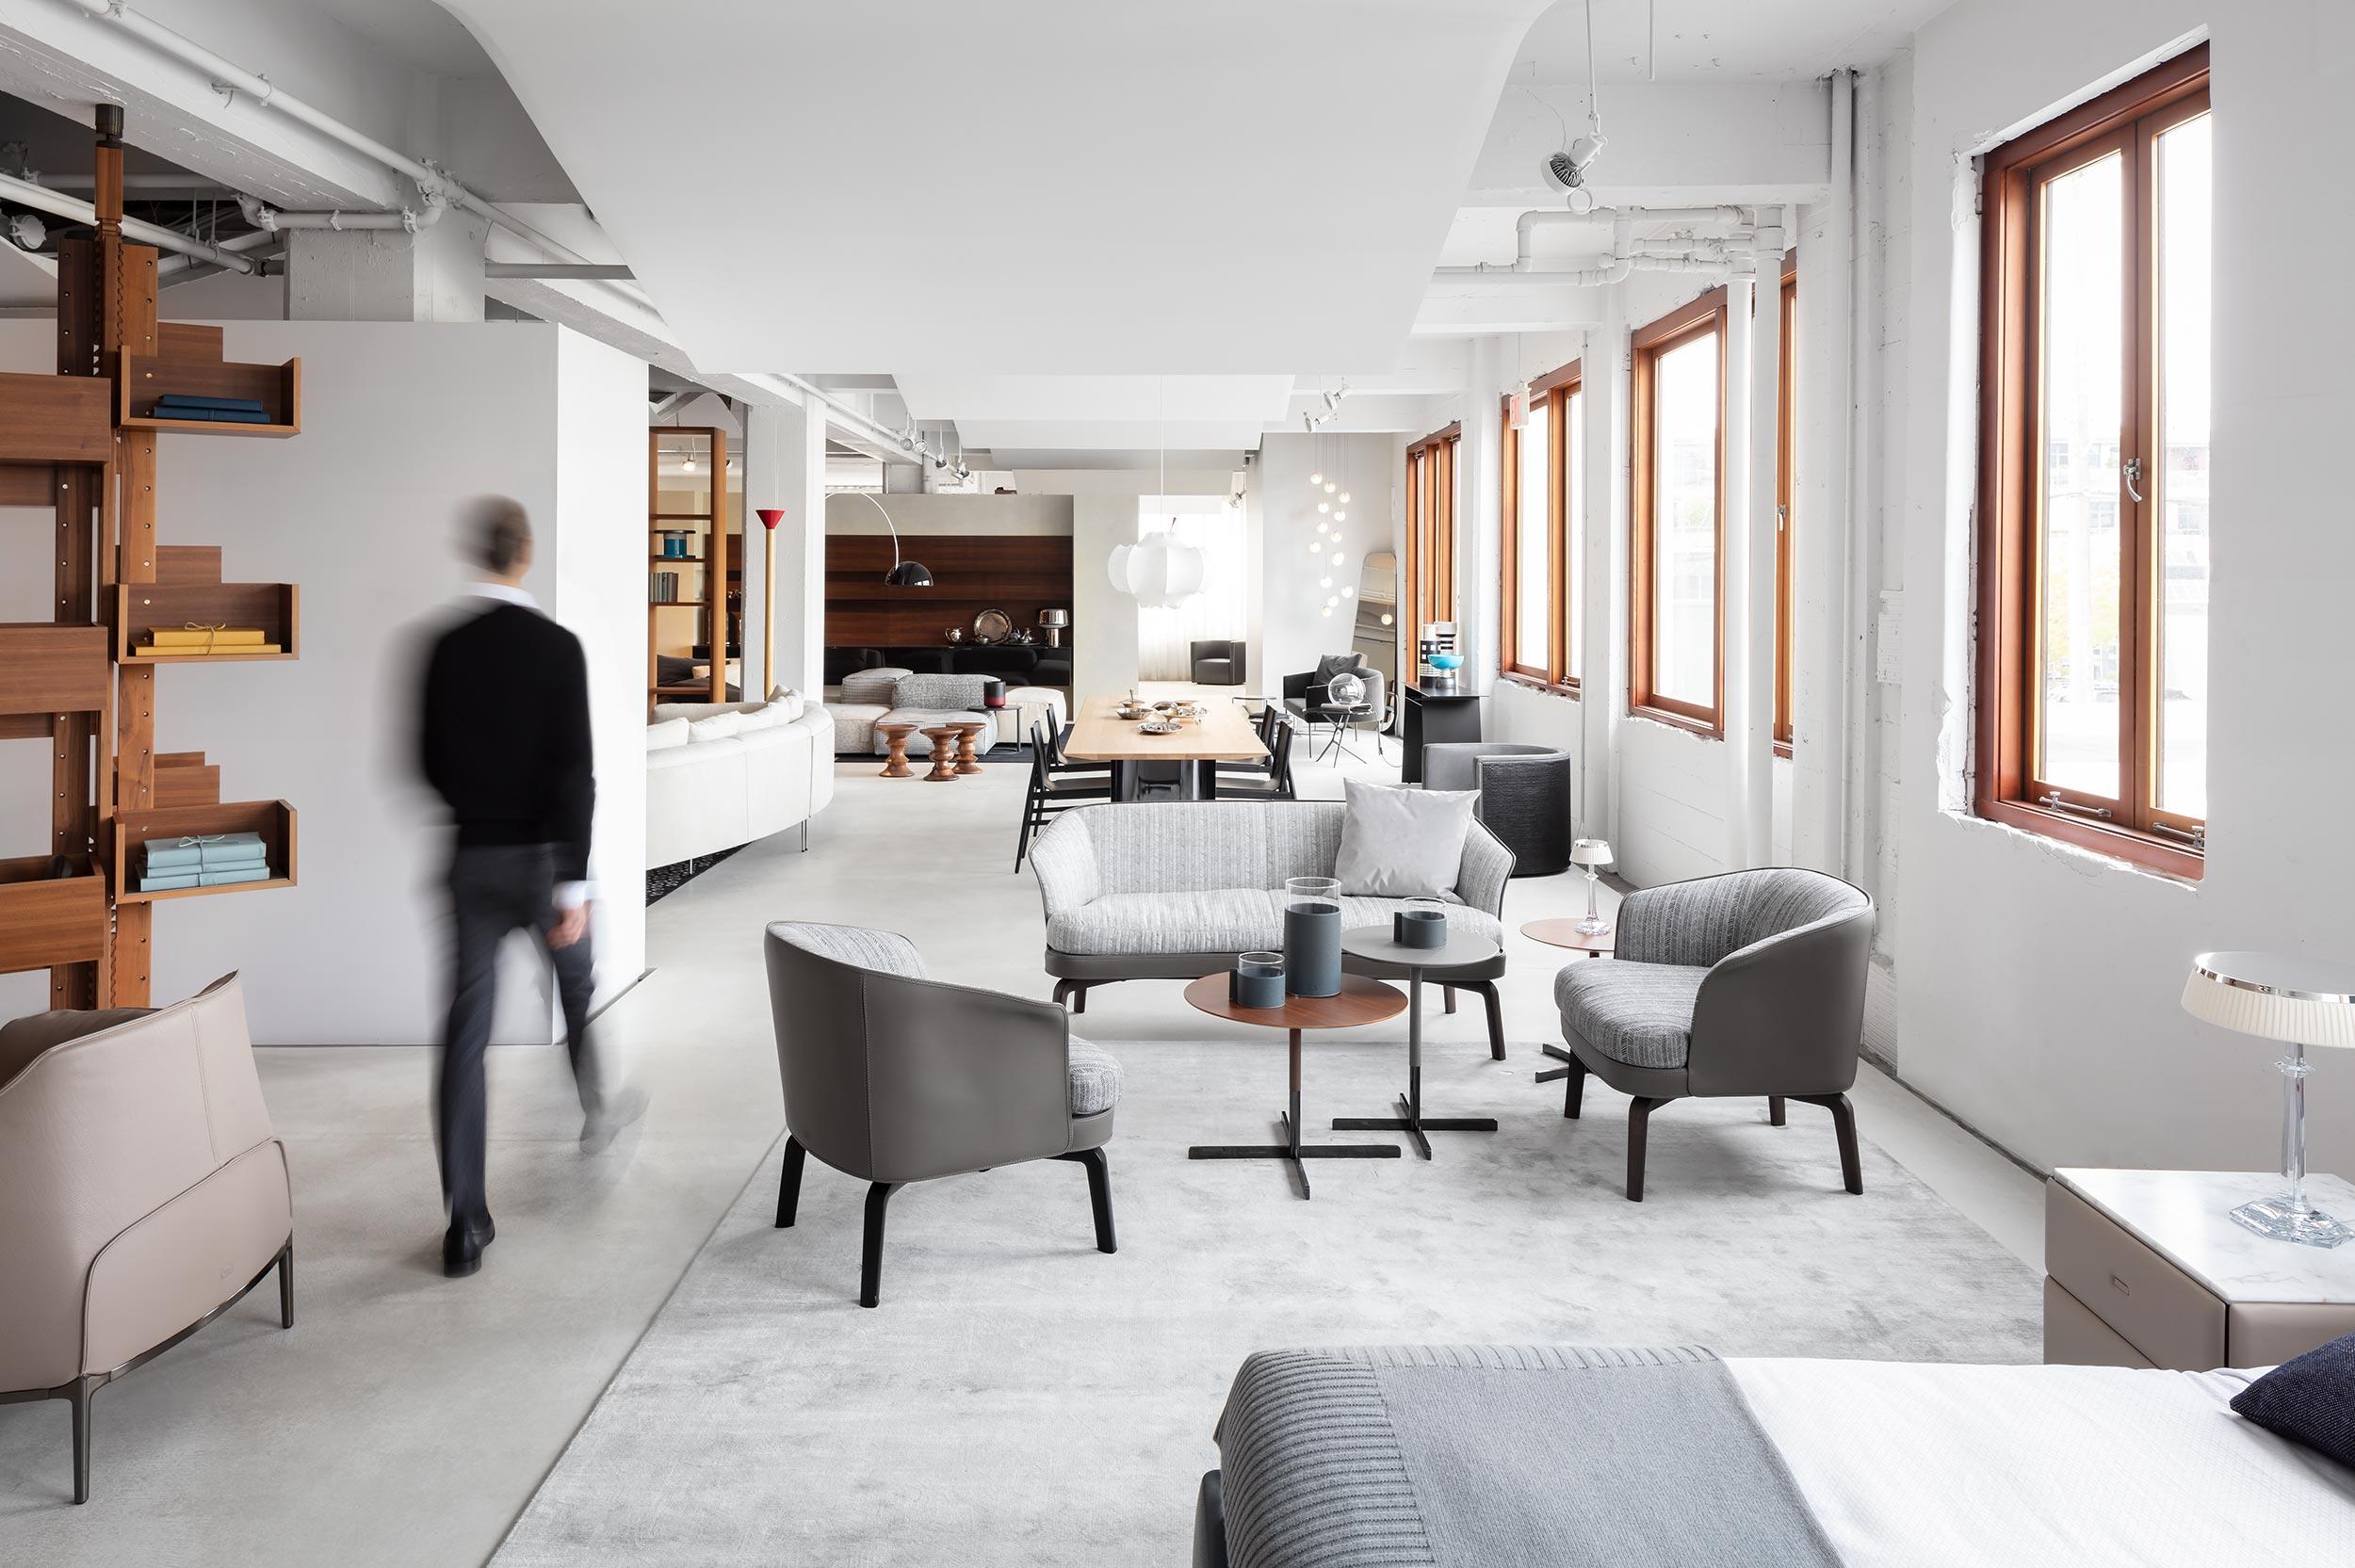 Home Livingspace